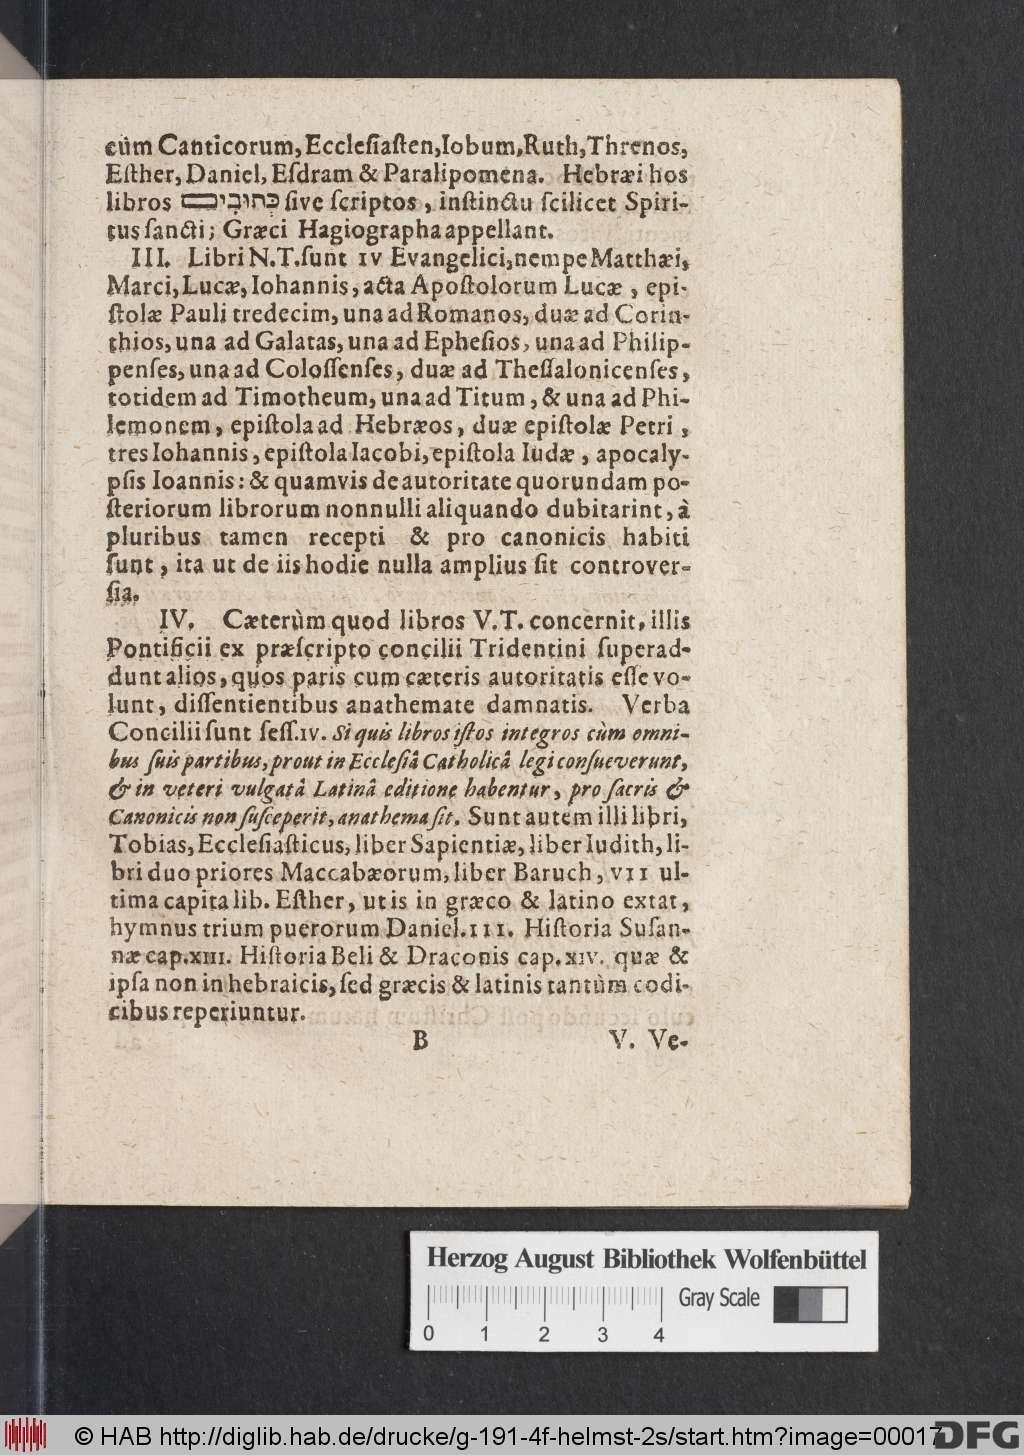 http://diglib.hab.de/drucke/g-191-4f-helmst-2s/00017.jpg